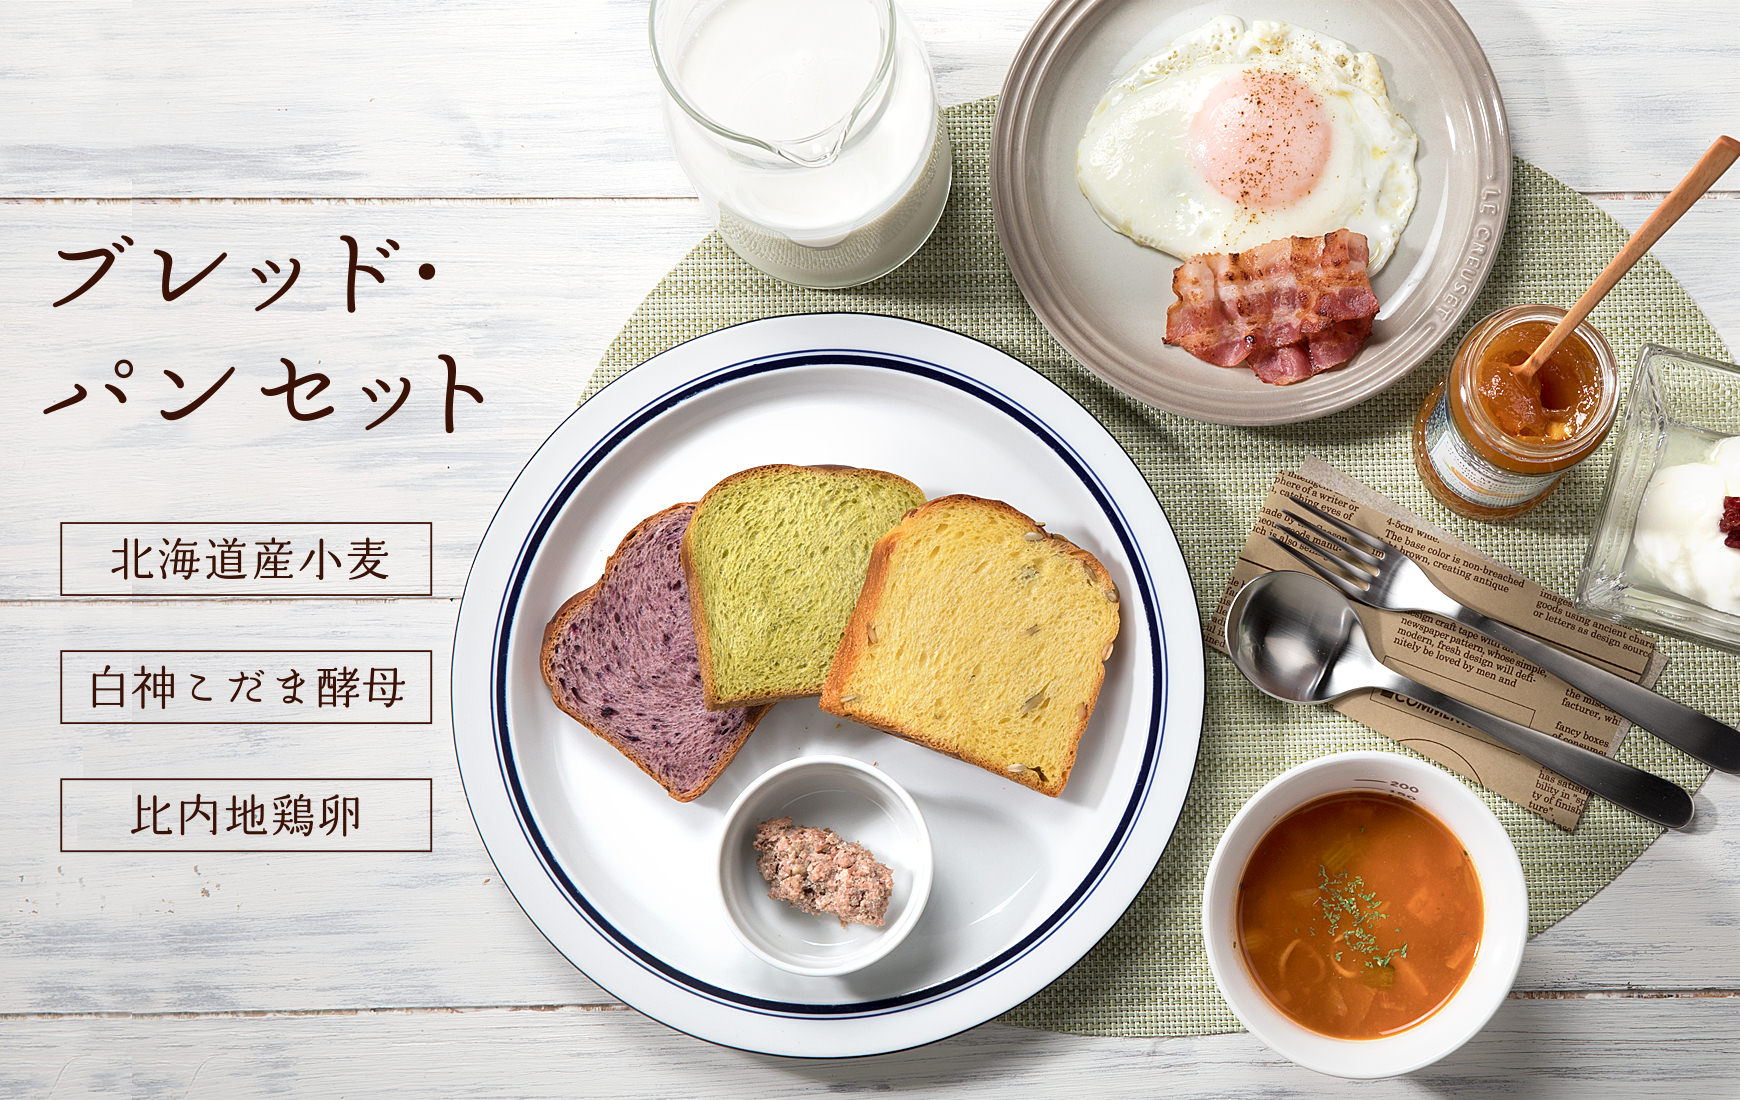 北海道産小麦と白神こだま酵母と比内地鶏の卵を使ったブレッドパンセットです